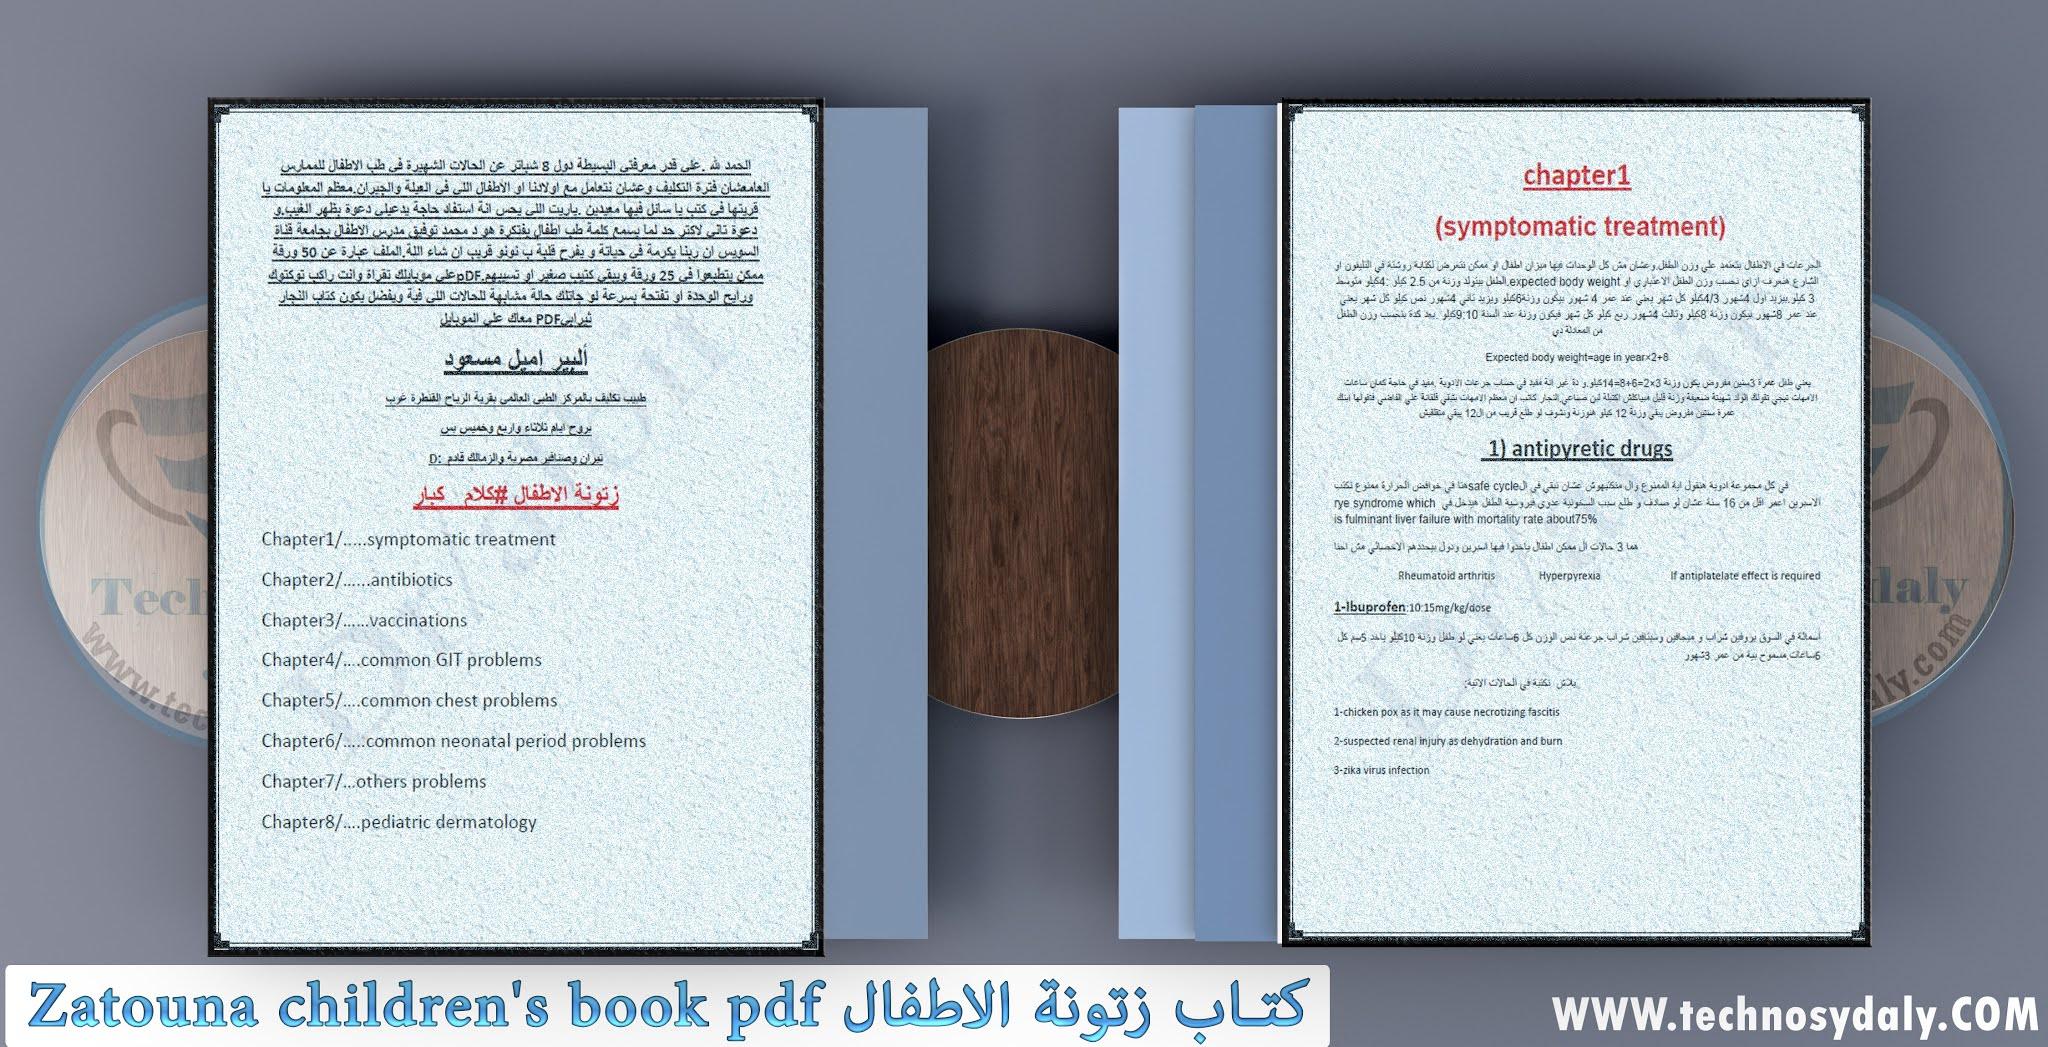 كتاب زتونة الاطفال Zatouna children's book pdf